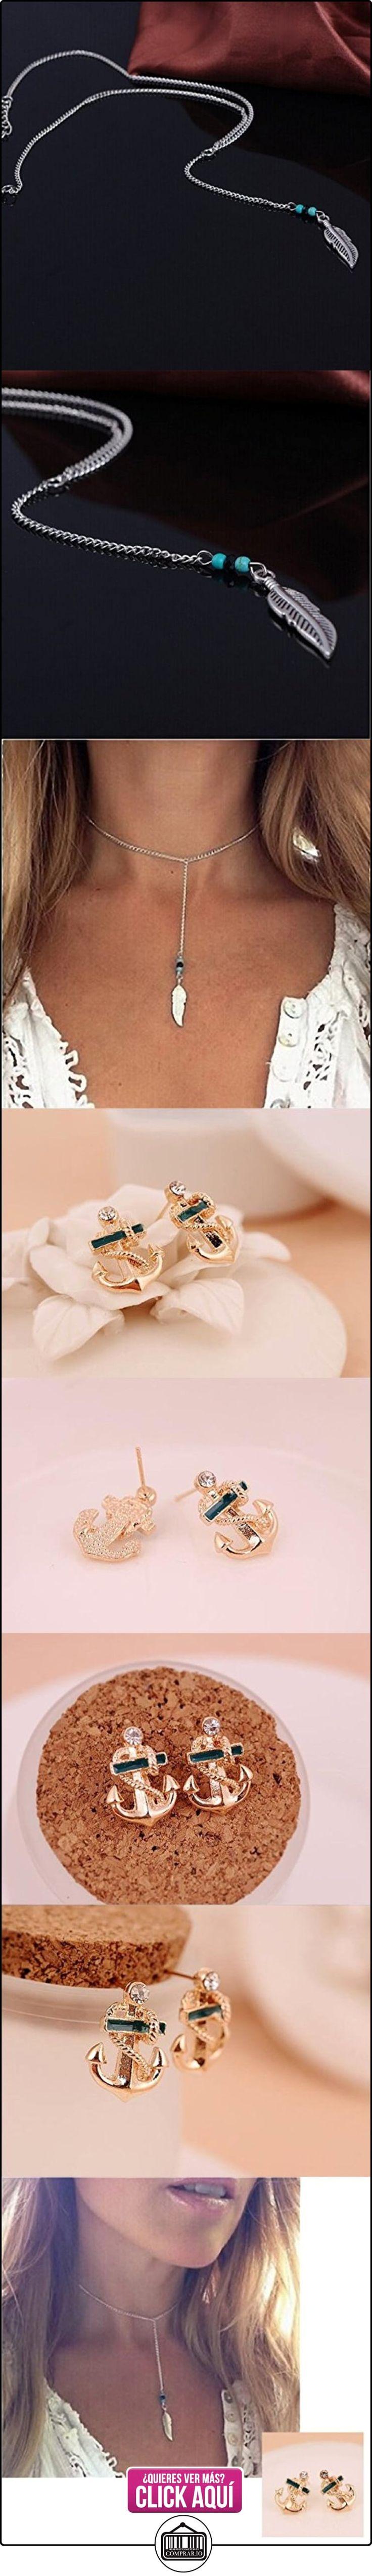 Malloom®venta caliente mujeres joyas estilo bohemio turquesa la forma de la pluma la borla colgante declaración de la cadena collar  ✿ Joyas para mujer - Las mejores ofertas ✿ ▬► Ver oferta: http://comprar.io/goto/B00YGJ7GK8